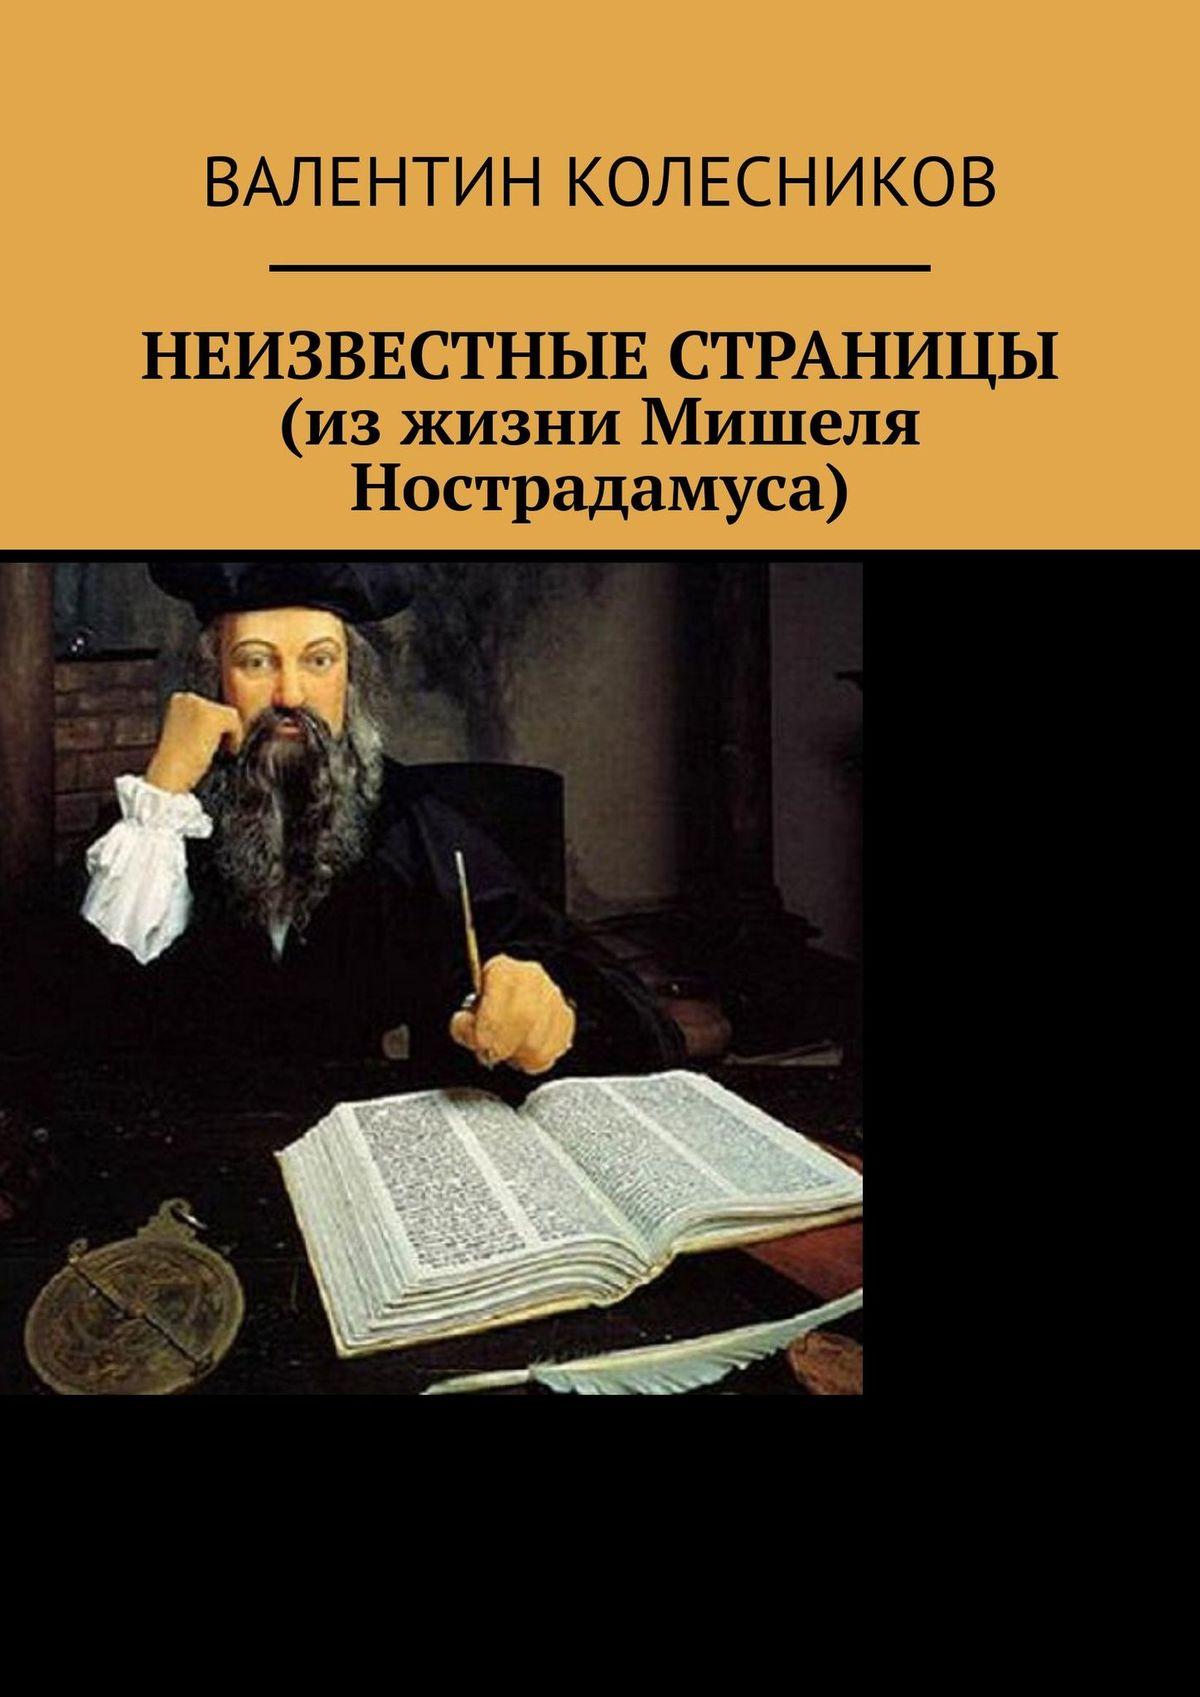 Валентин Колесников - Неизвестные страницы (изжизни Мишеля Нострадамуса)